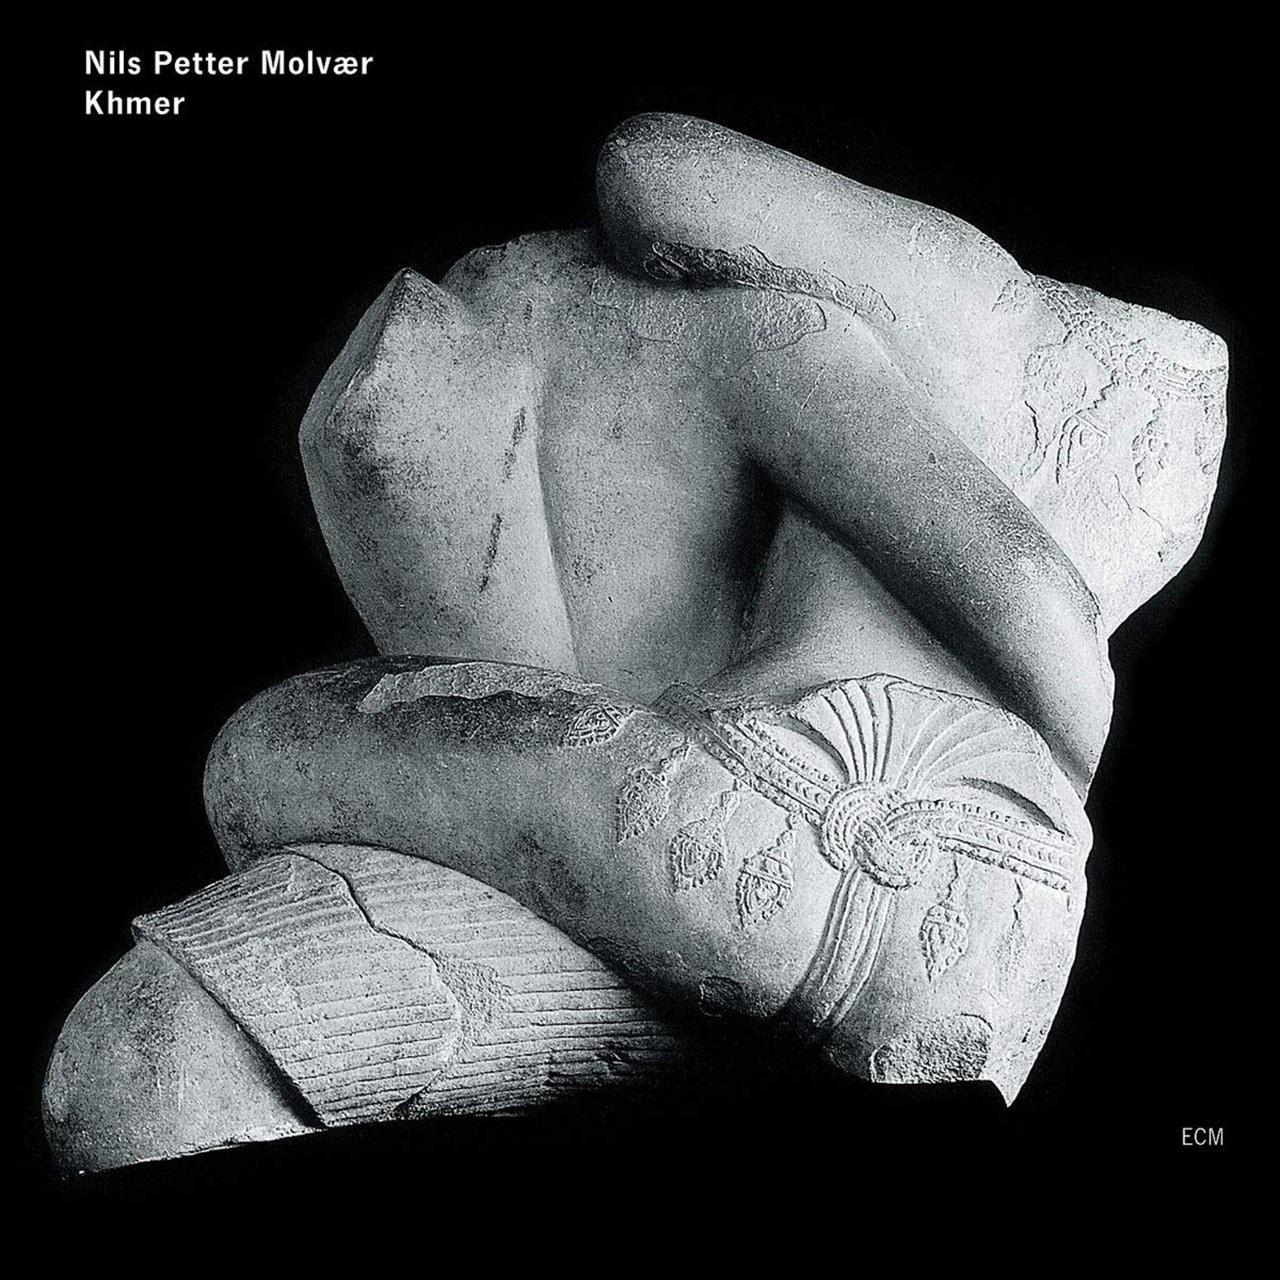 Khmer - 1